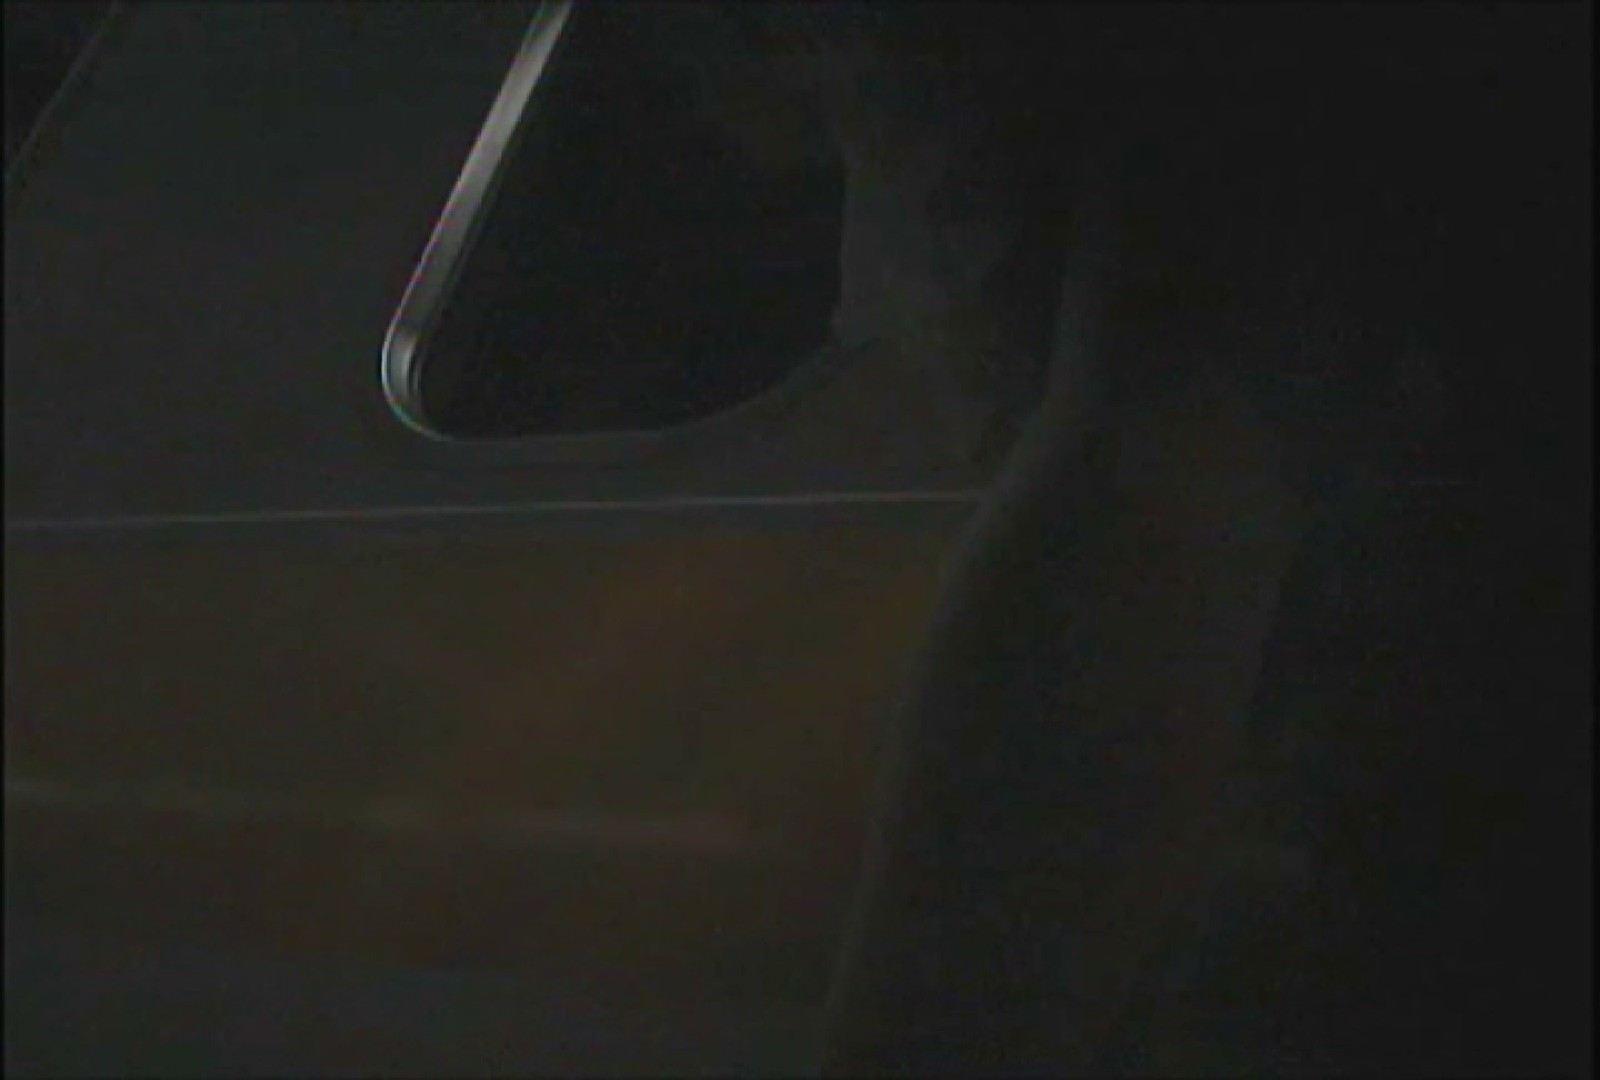 「しん」さんの逆さバイキングVol.7 ギャル攻め AV無料動画キャプチャ 66画像 30